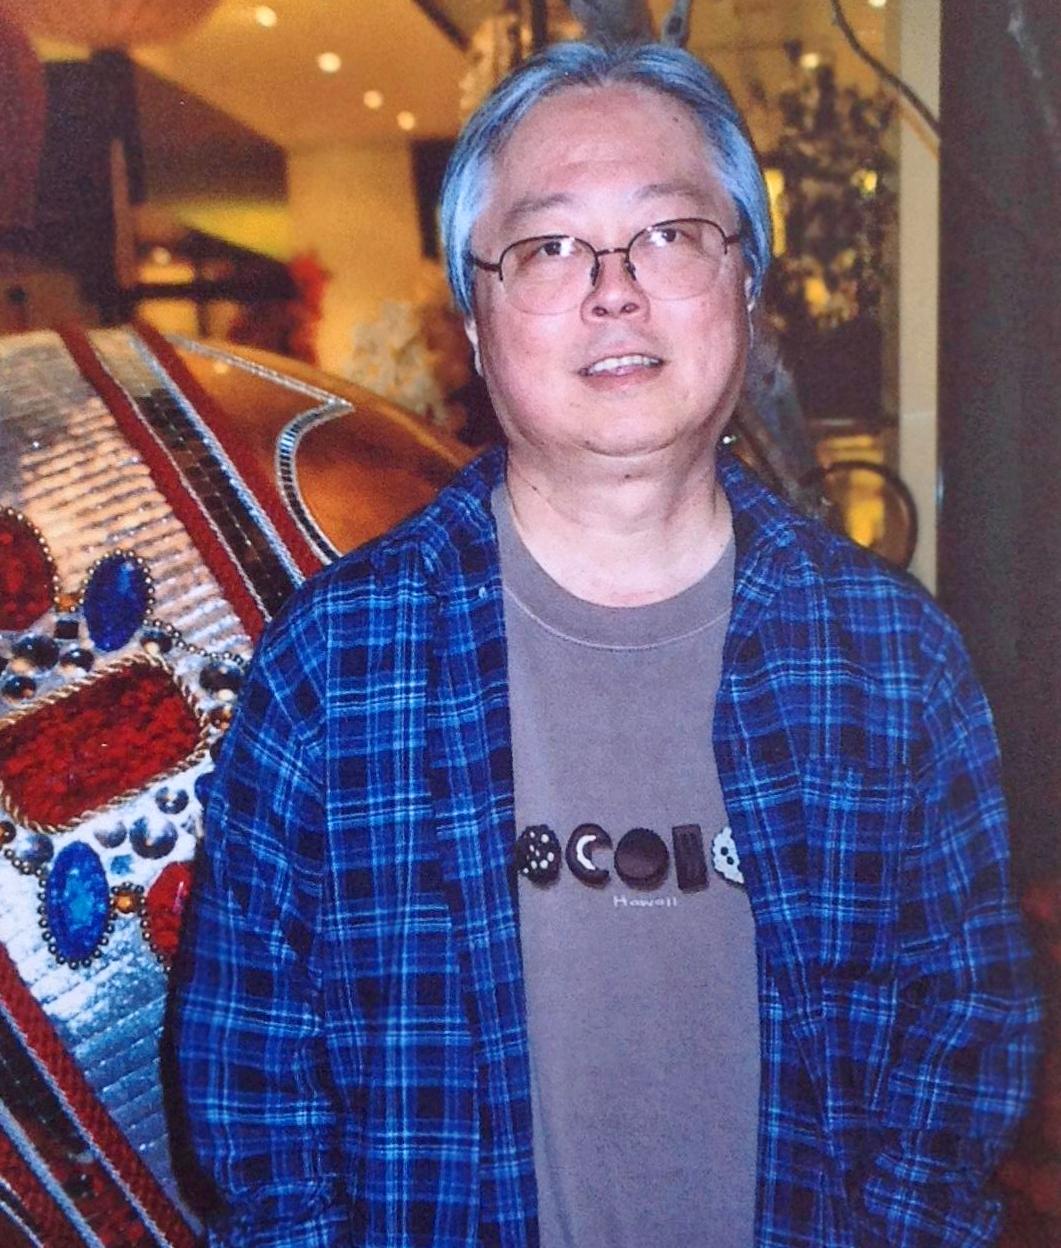 Glenn Shoichi Yasutake